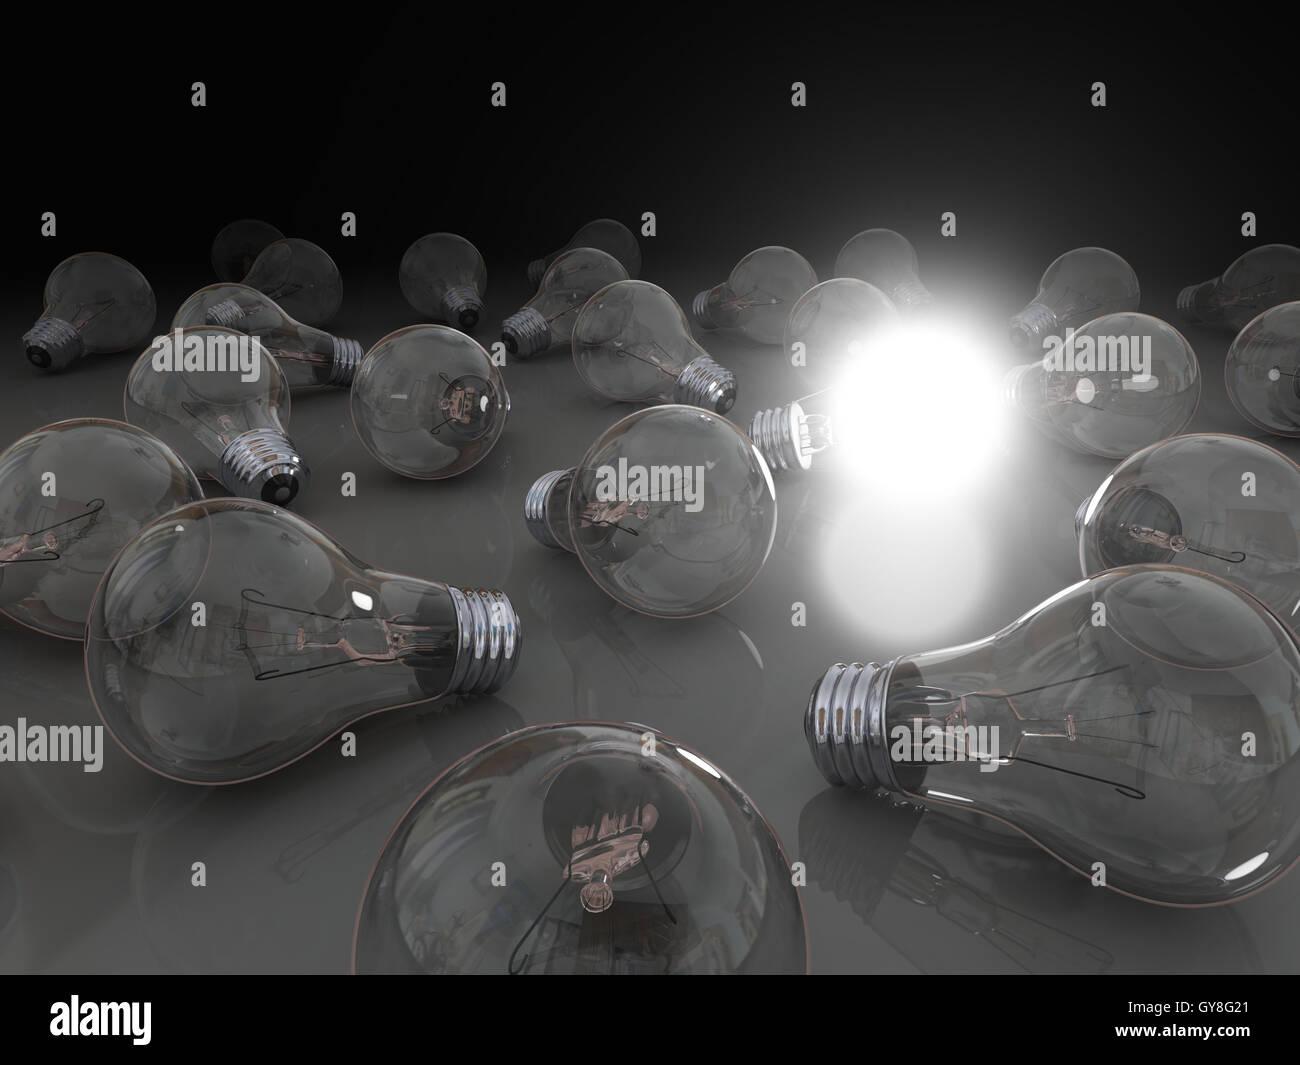 Idea brillante Immagini Stock